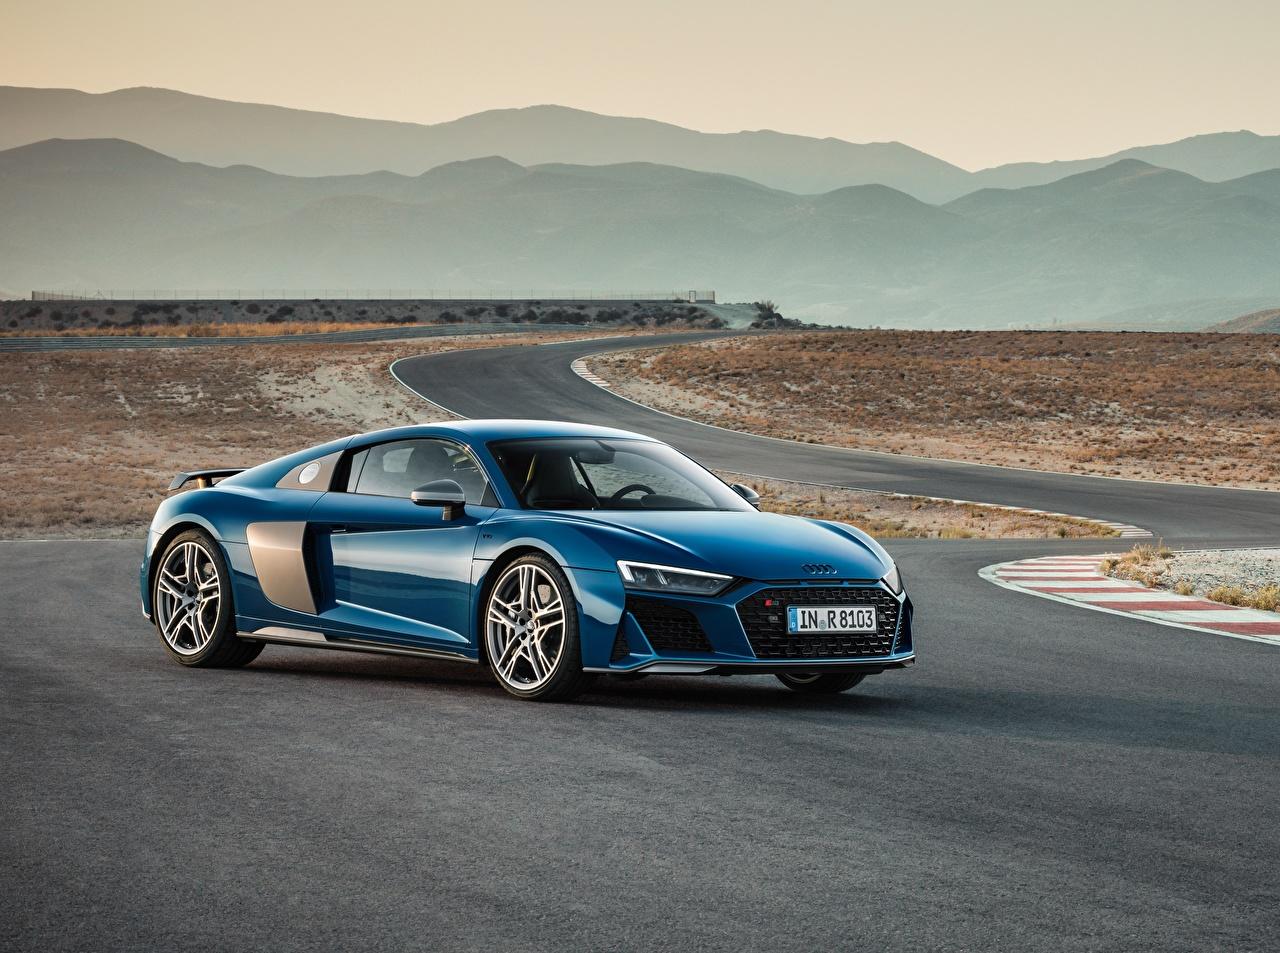 Картинки Ауди R8 Синий авто Audi синяя синие синих машина машины Автомобили автомобиль